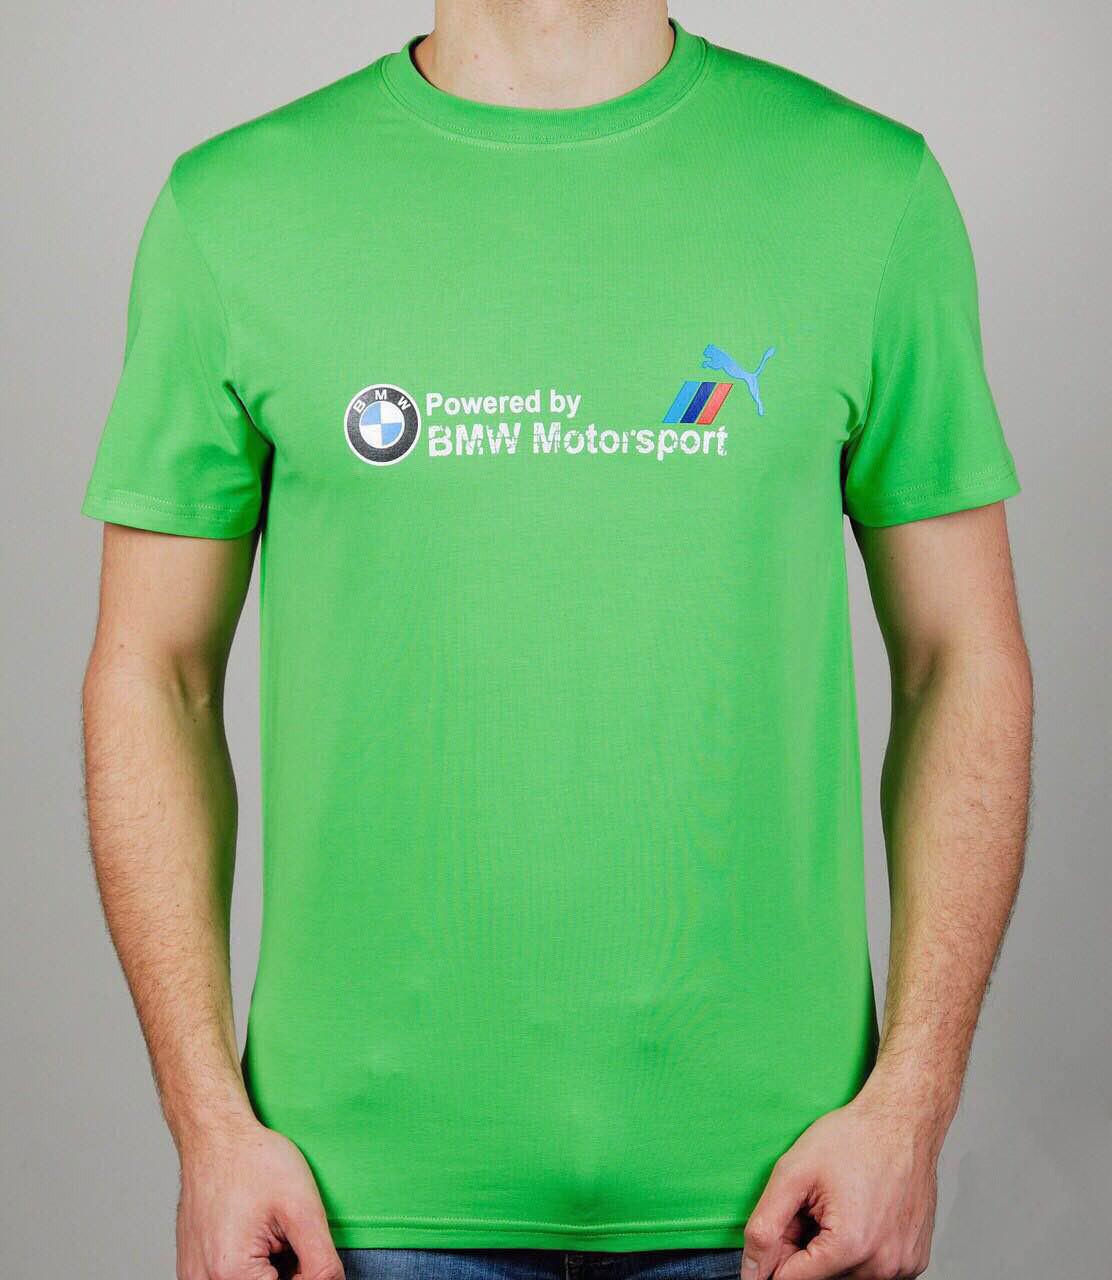 af8be589b30cd0 Мужская футболка Puma BMW Motorsport - Торговая площадка